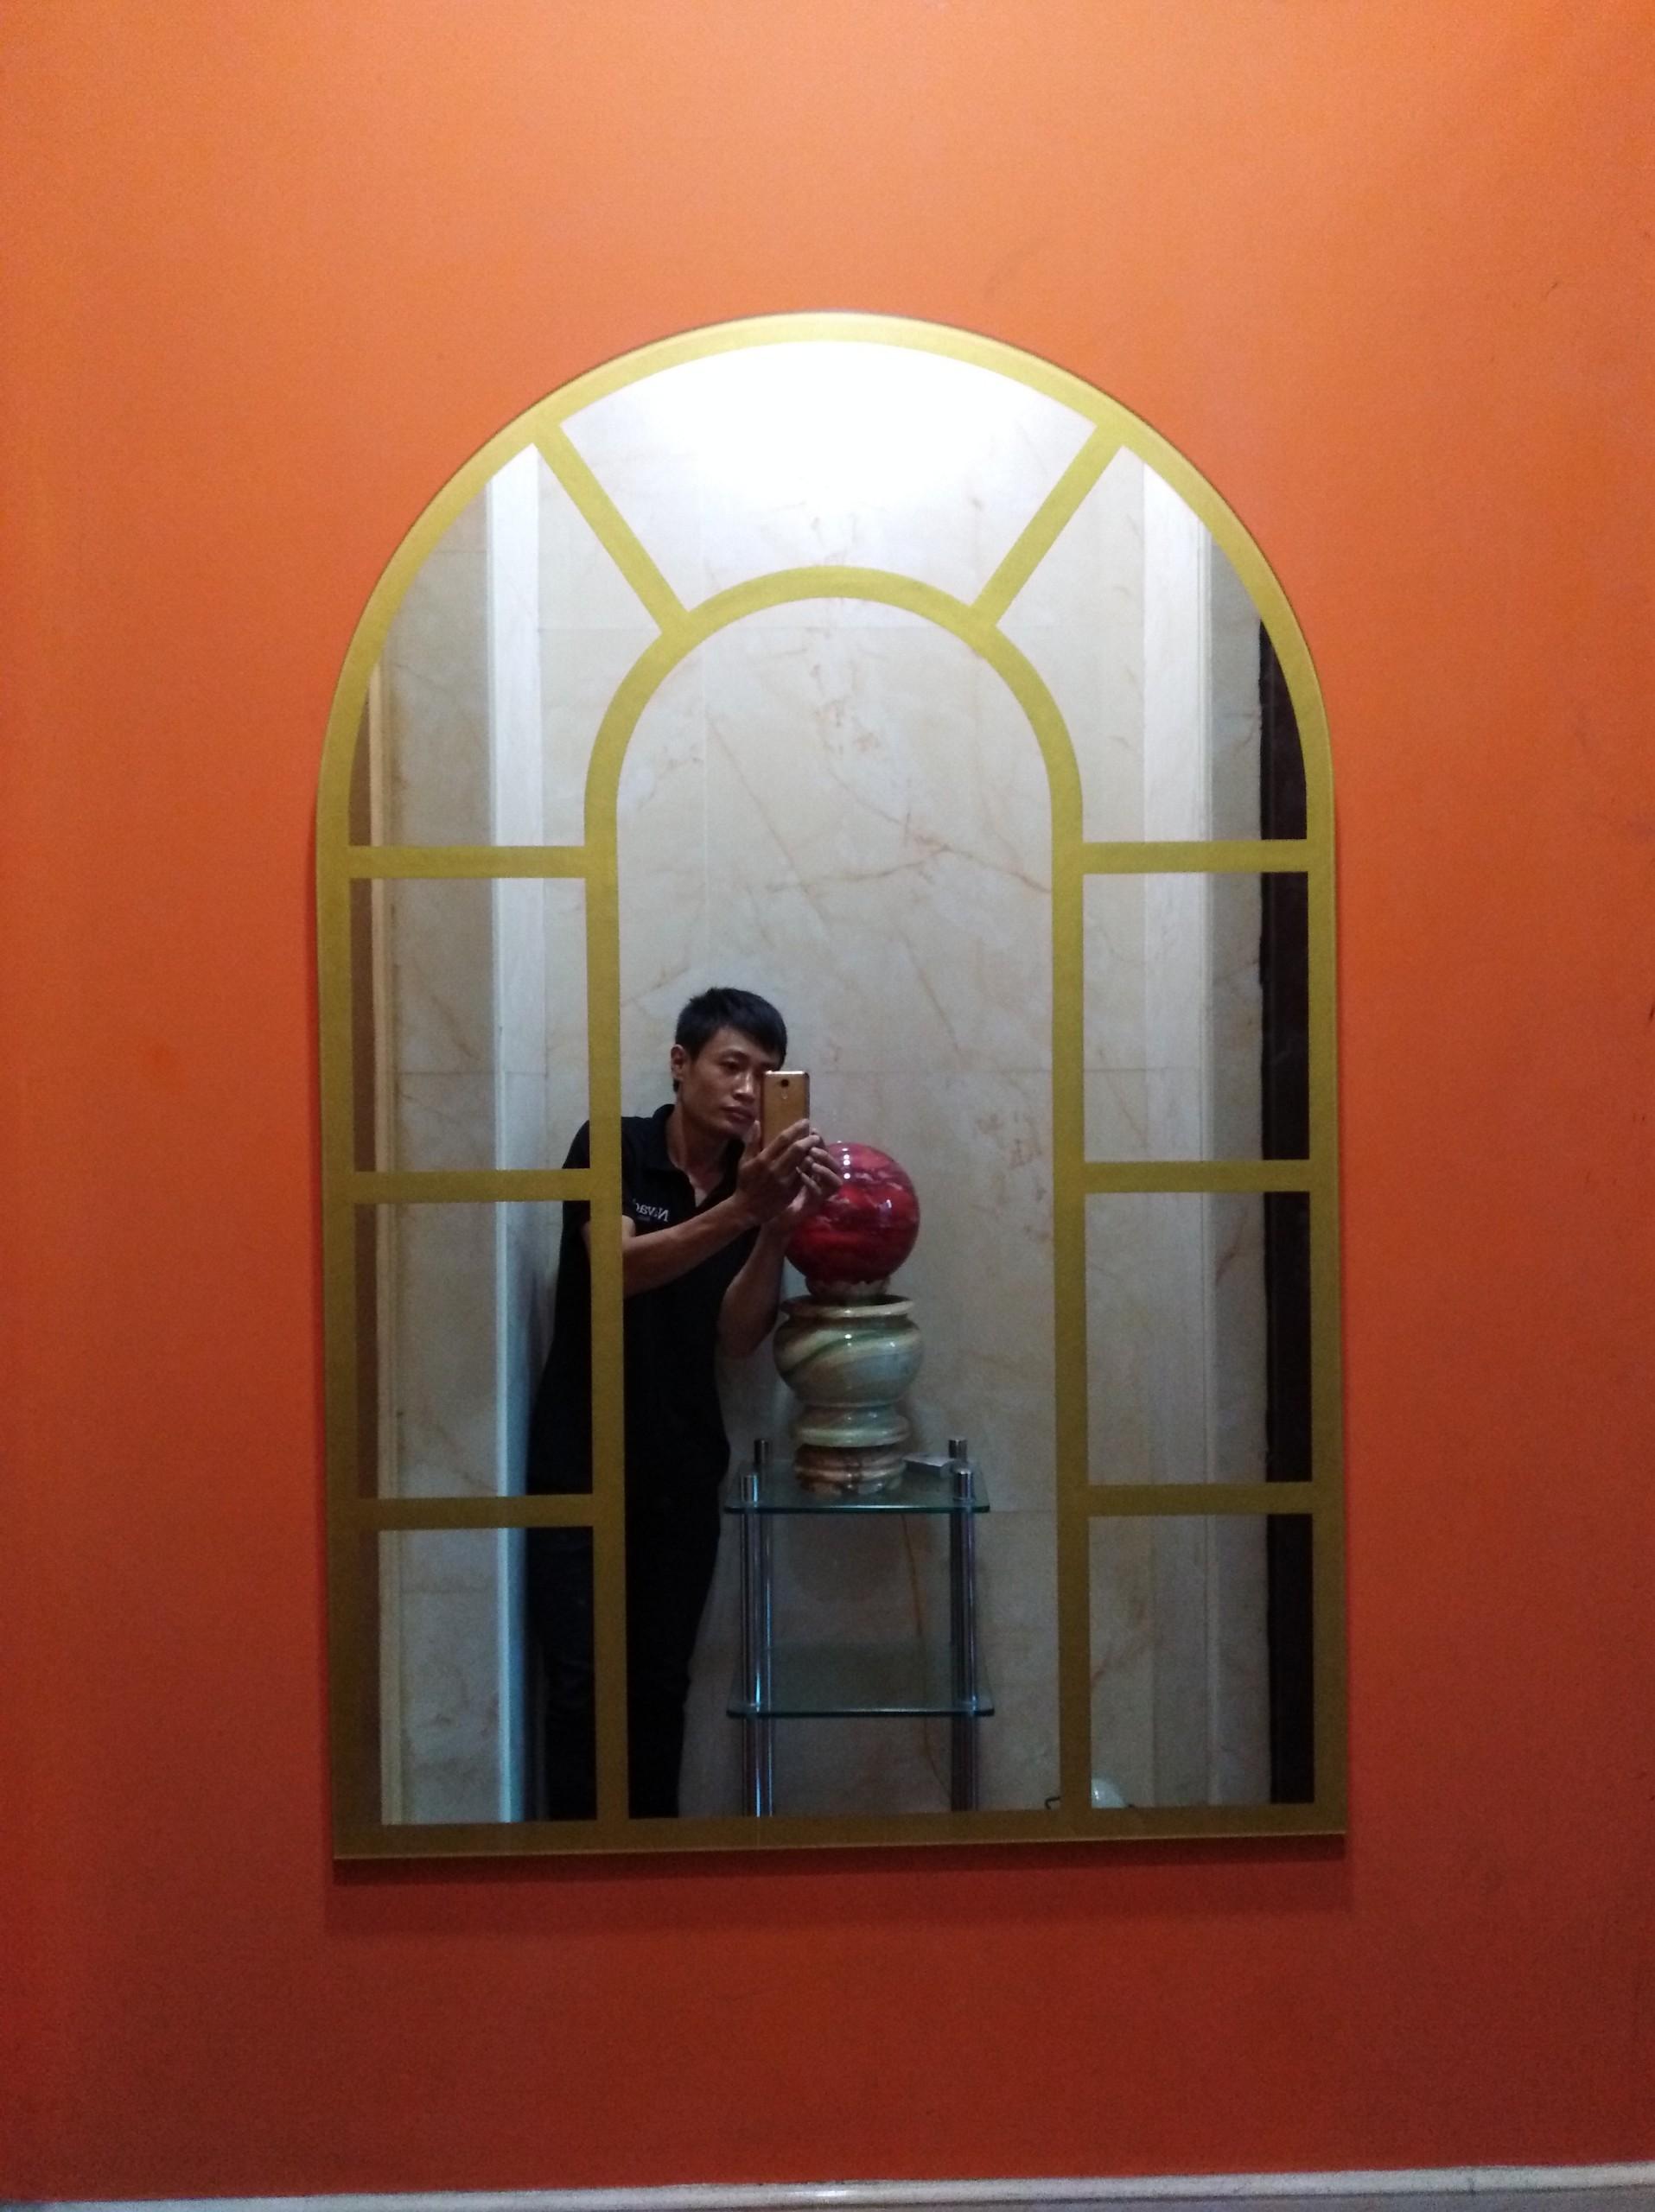 Gương decor cửa sổ